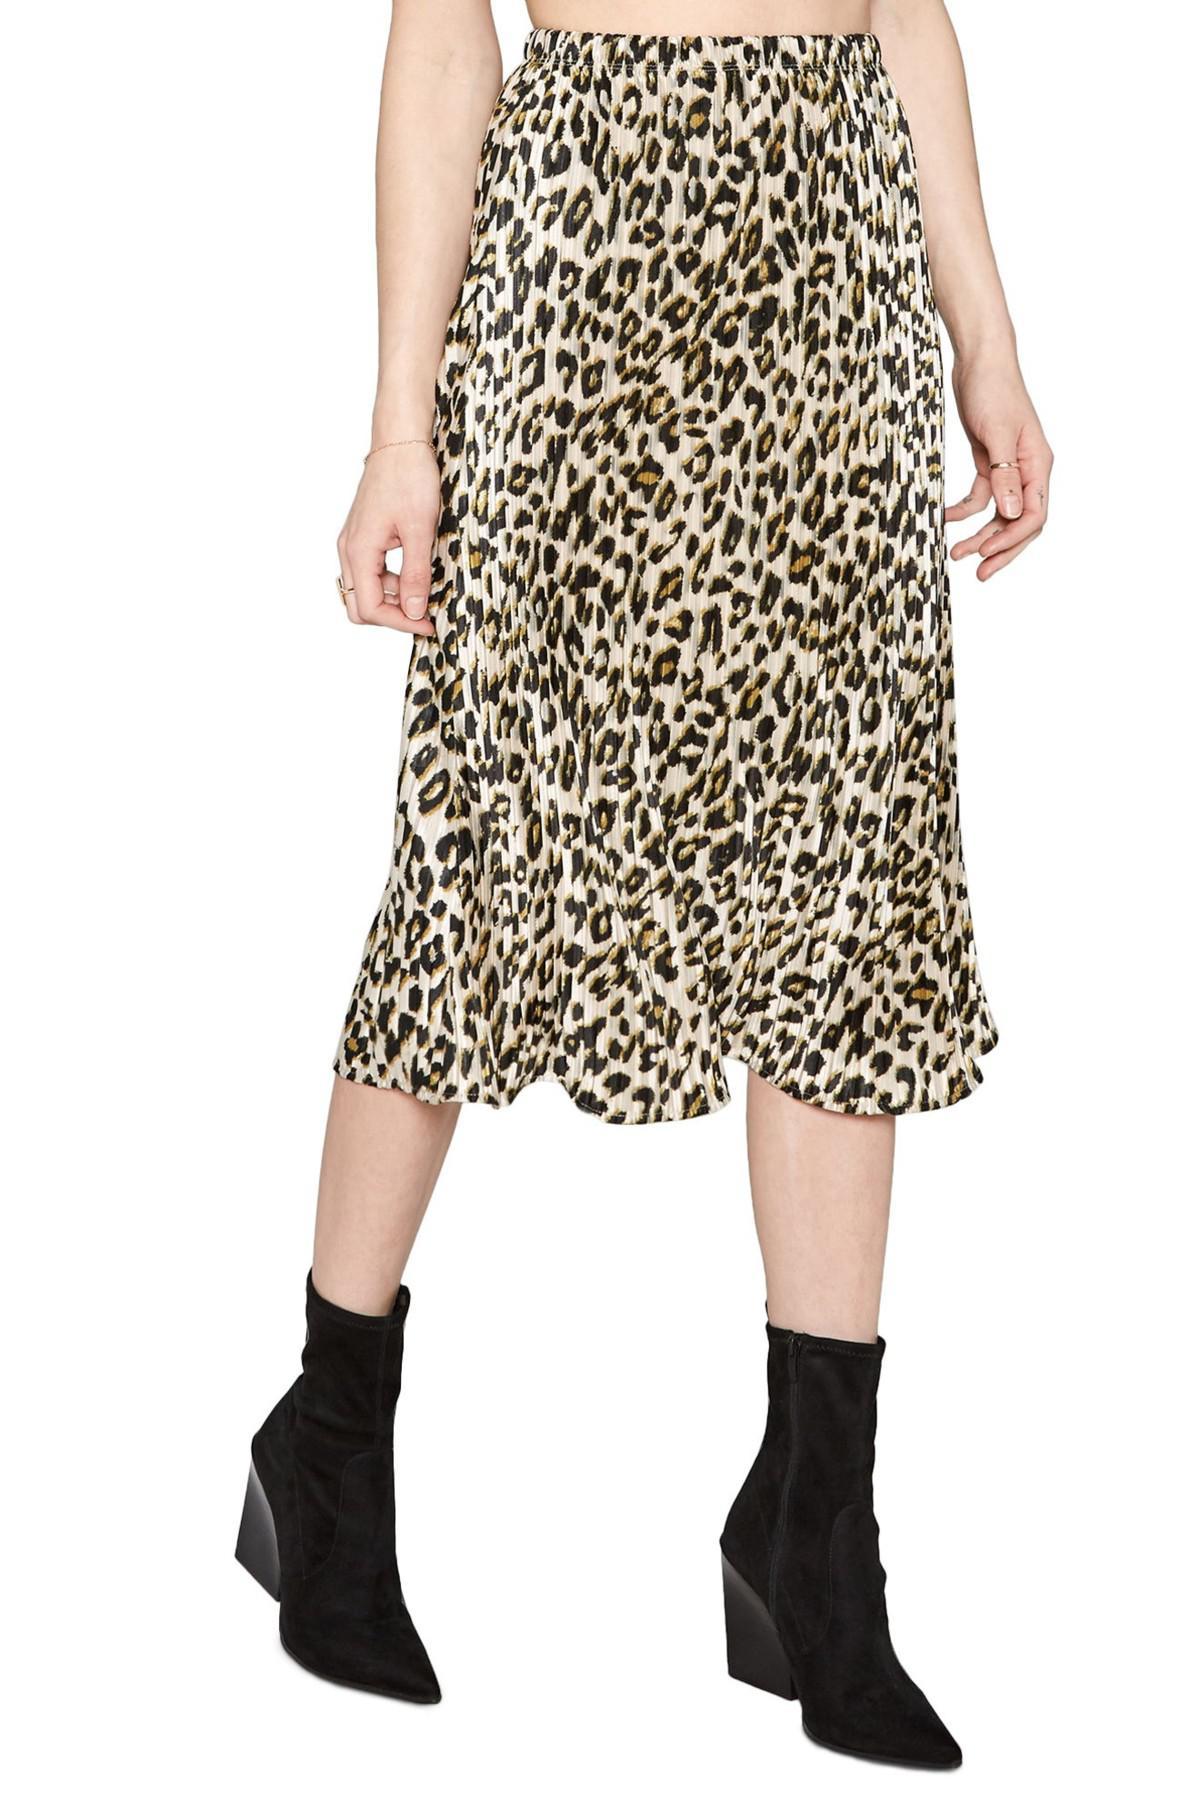 Lyst - Amuse Society Animal Instinct Midi Skirt e44eca5107c